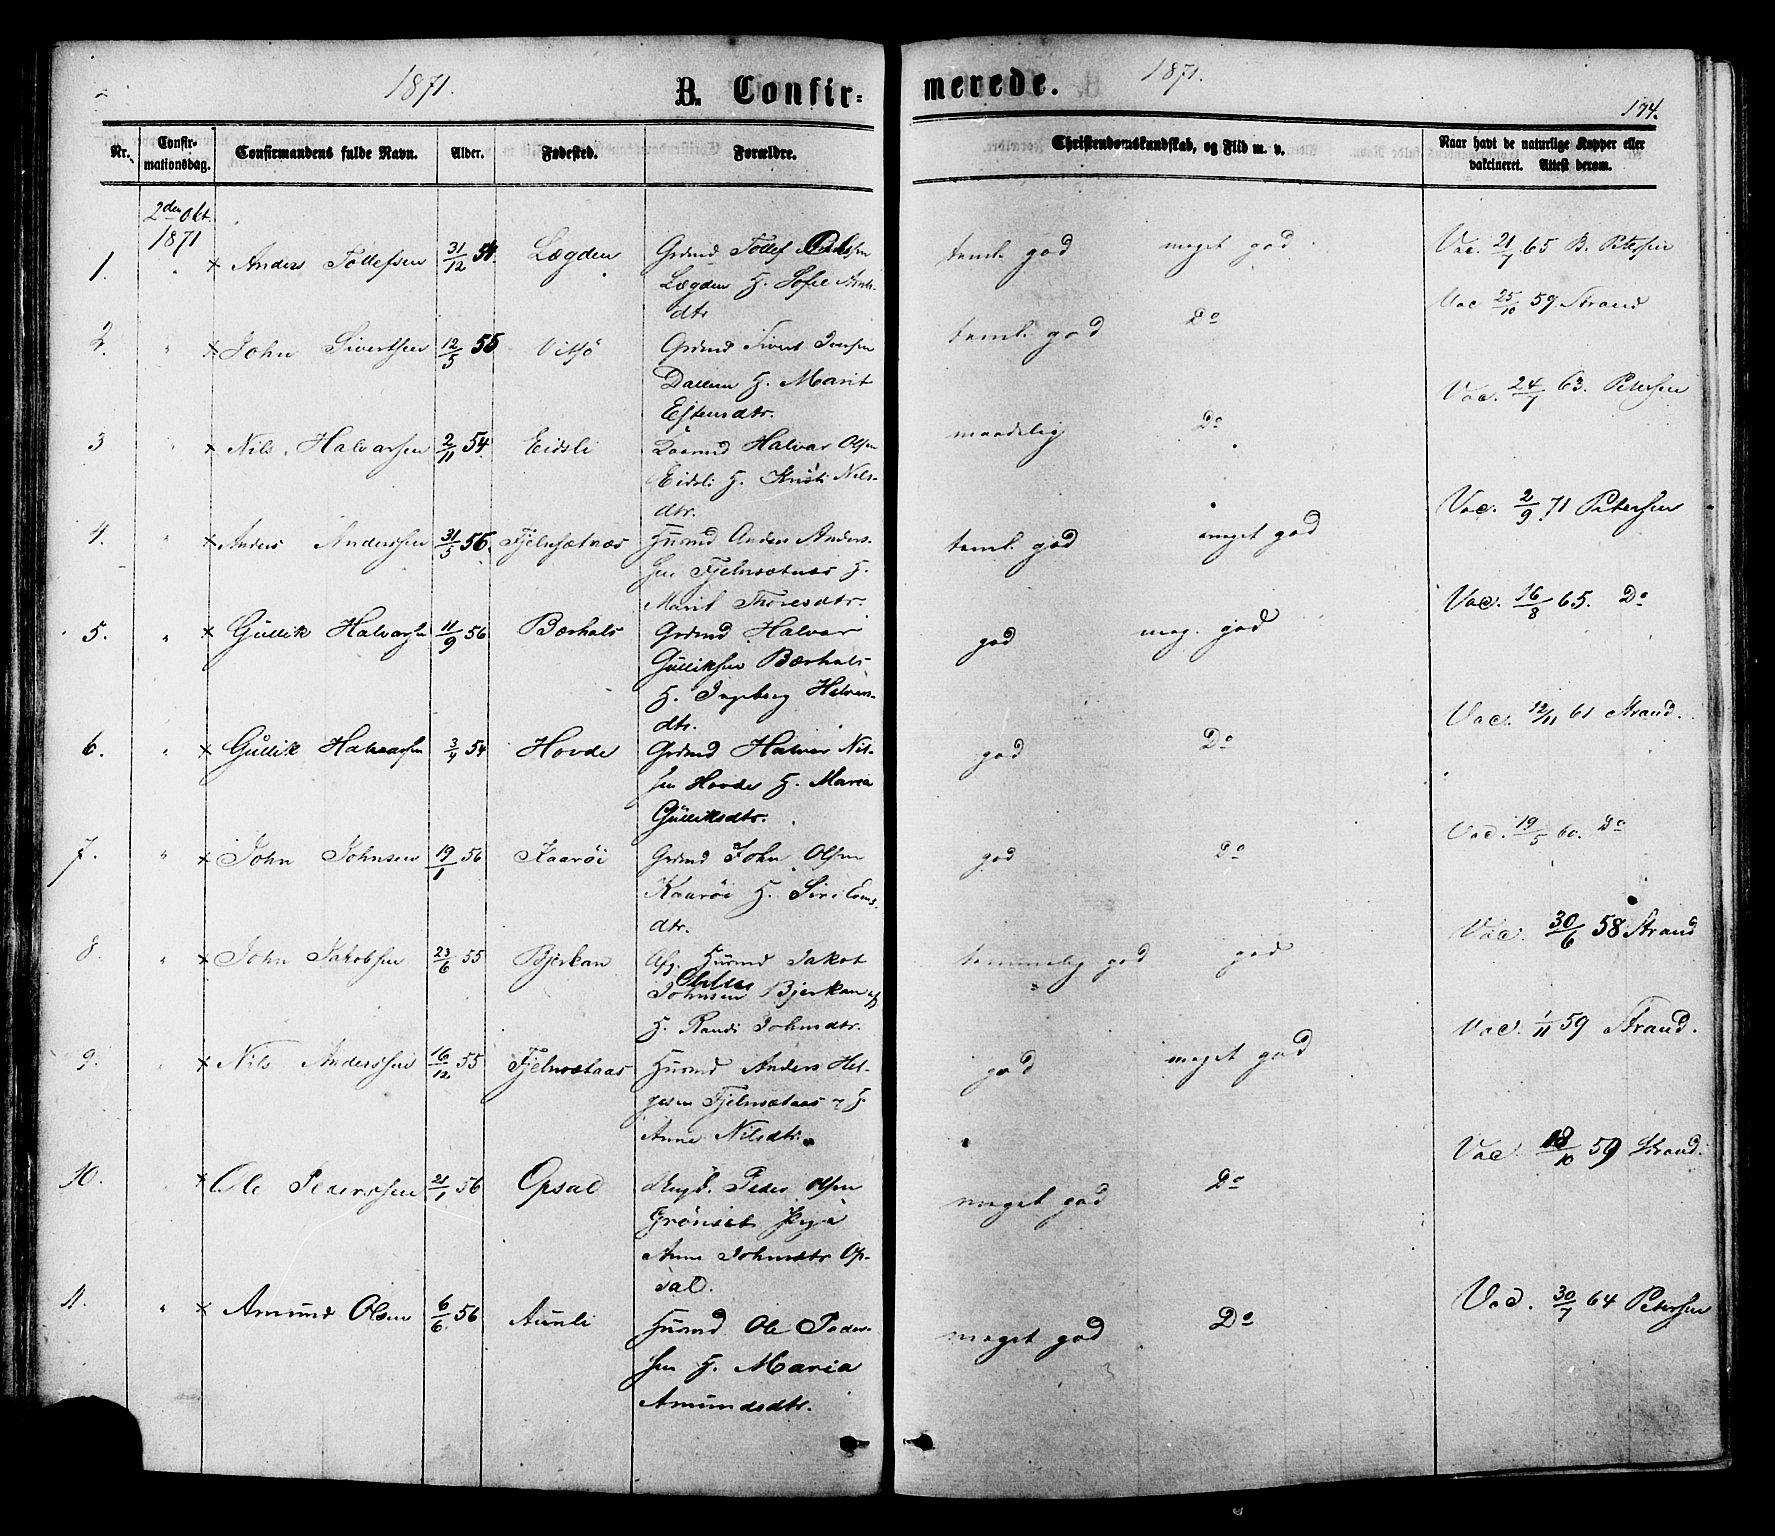 SAT, Ministerialprotokoller, klokkerbøker og fødselsregistre - Sør-Trøndelag, 630/L0495: Ministerialbok nr. 630A08, 1868-1878, s. 174